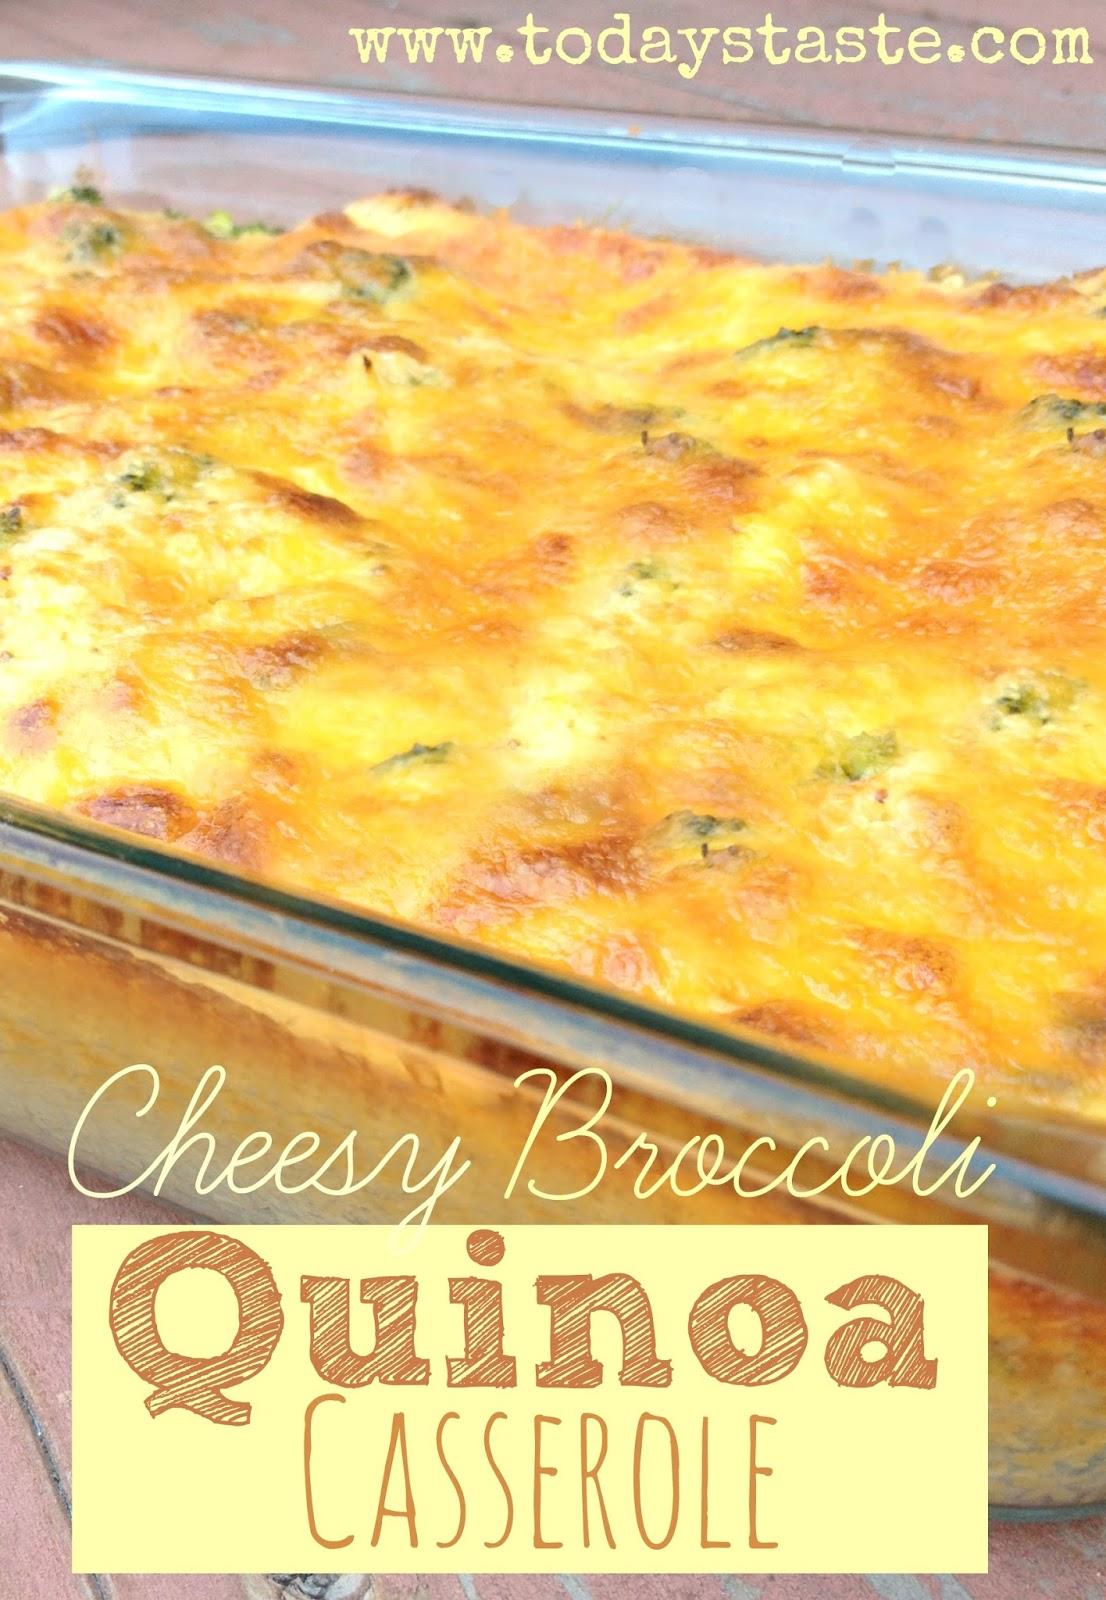 Today's Taste: Cheesy Broccoli Quinoa Casserole